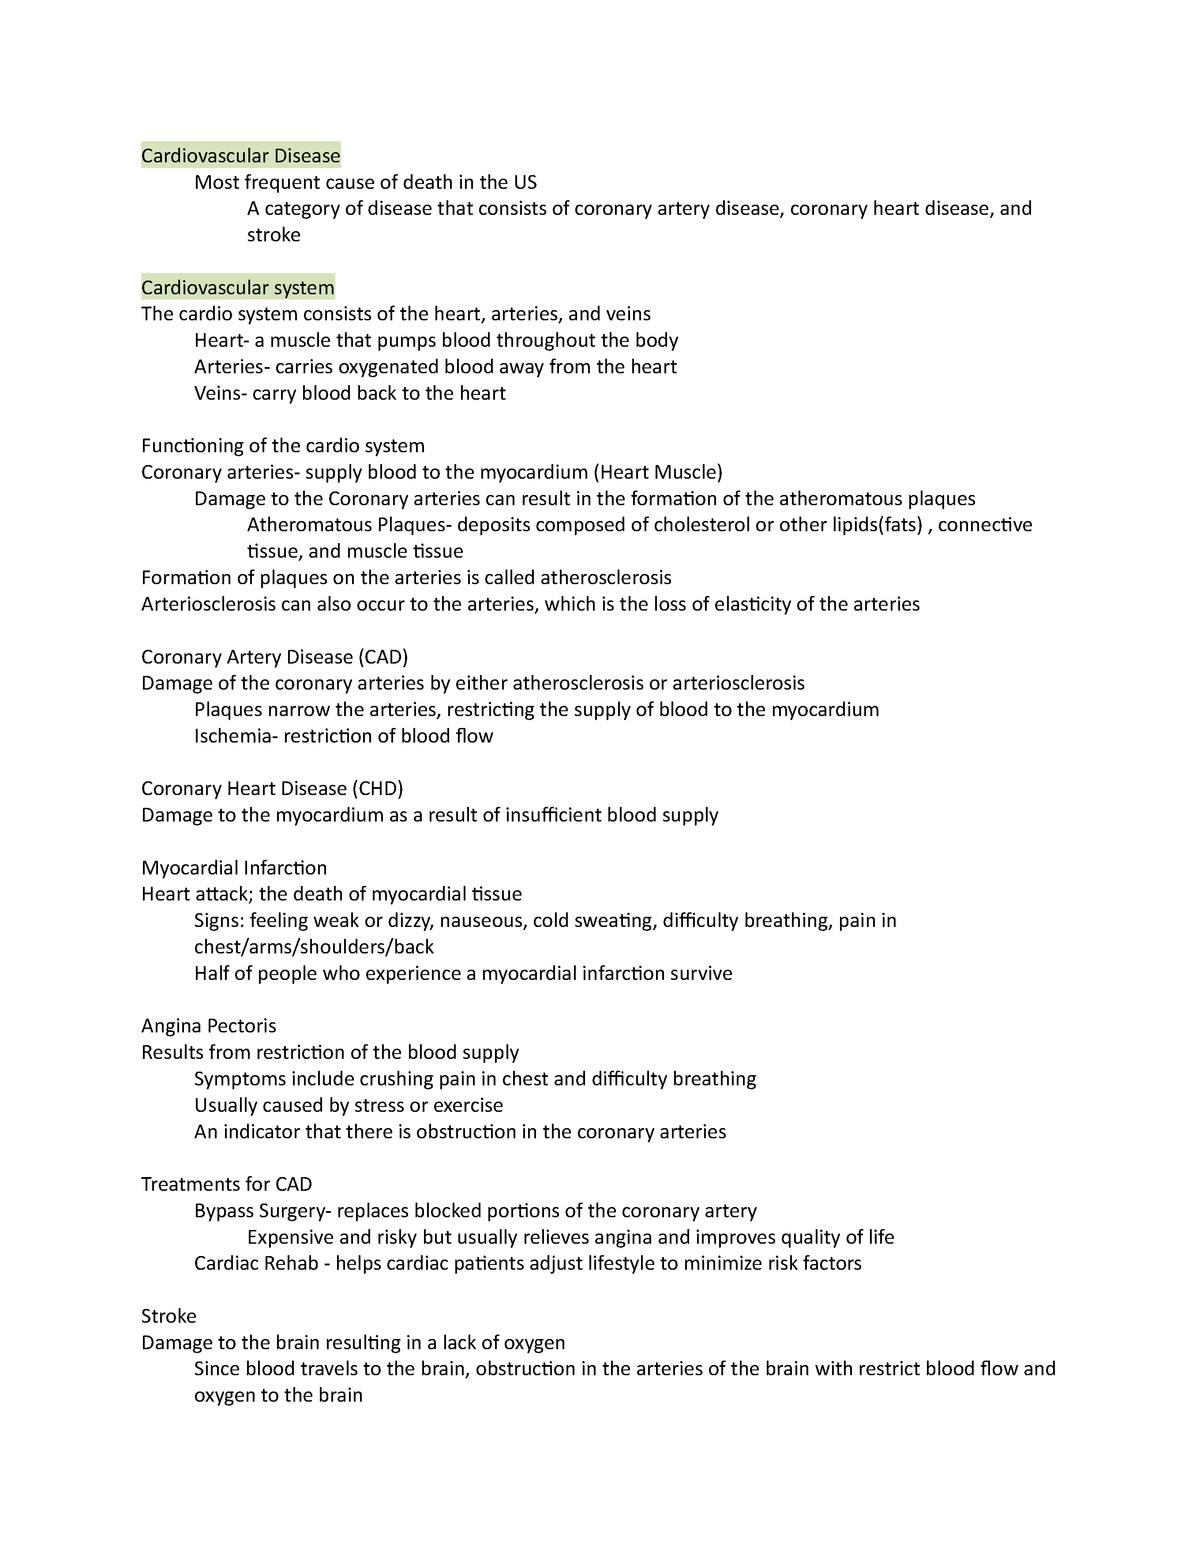 Health Psychology Chapter 9 - PSY 205: Health Psychology